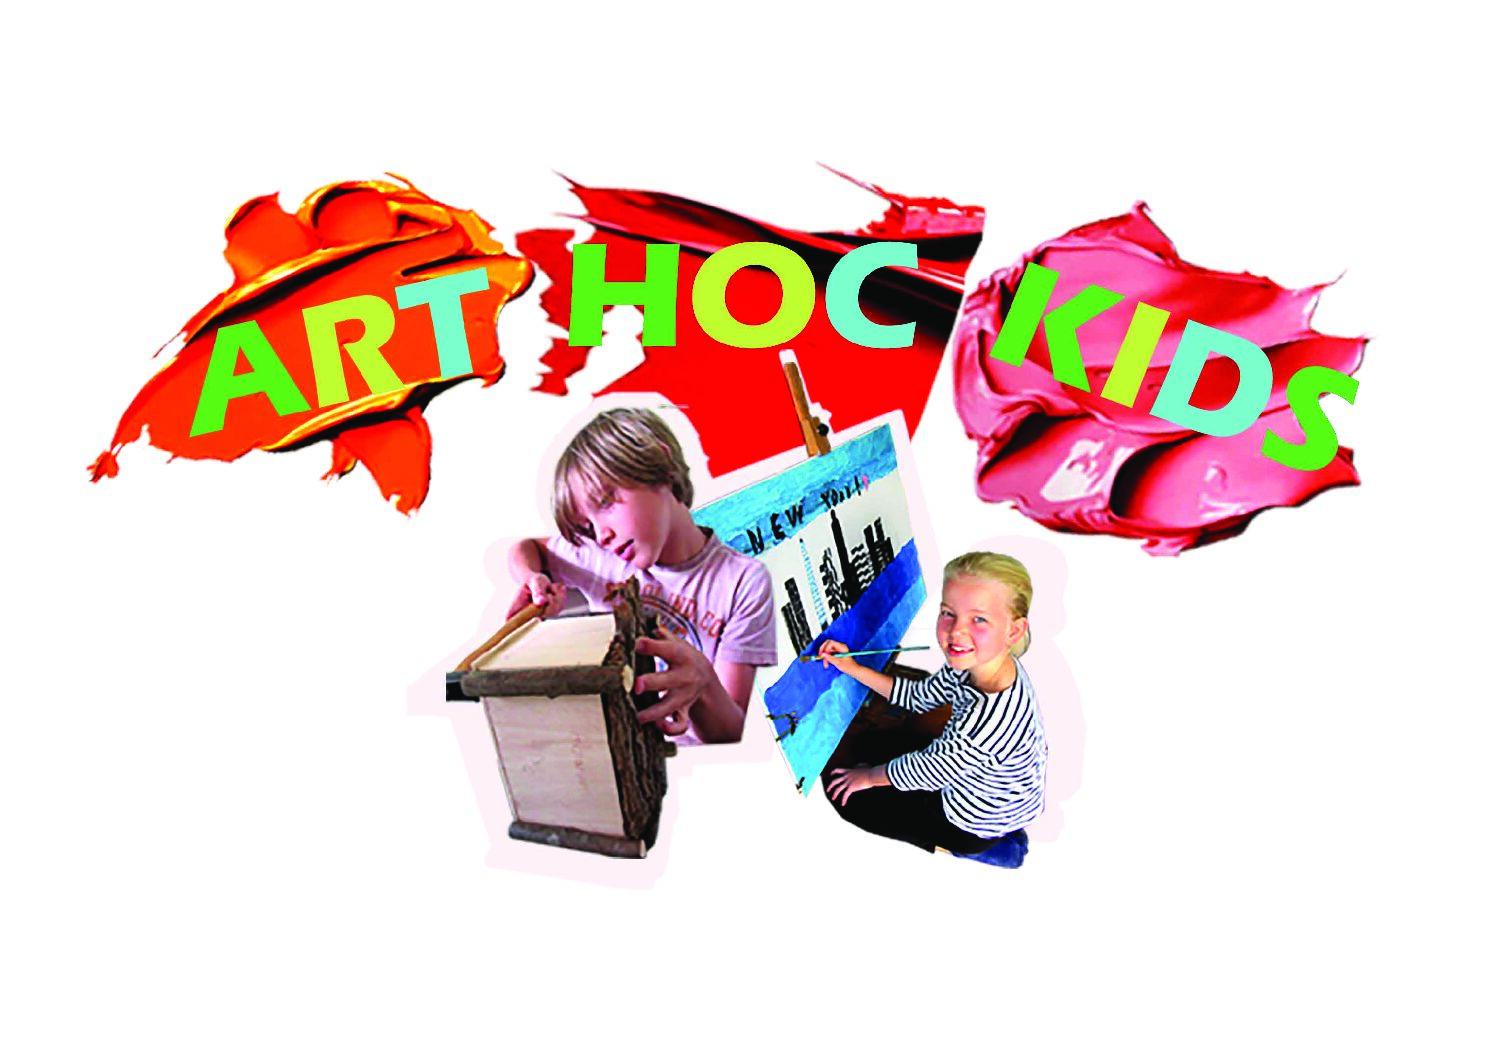 Vanaf 15 september gaat ArtHocKids van start.